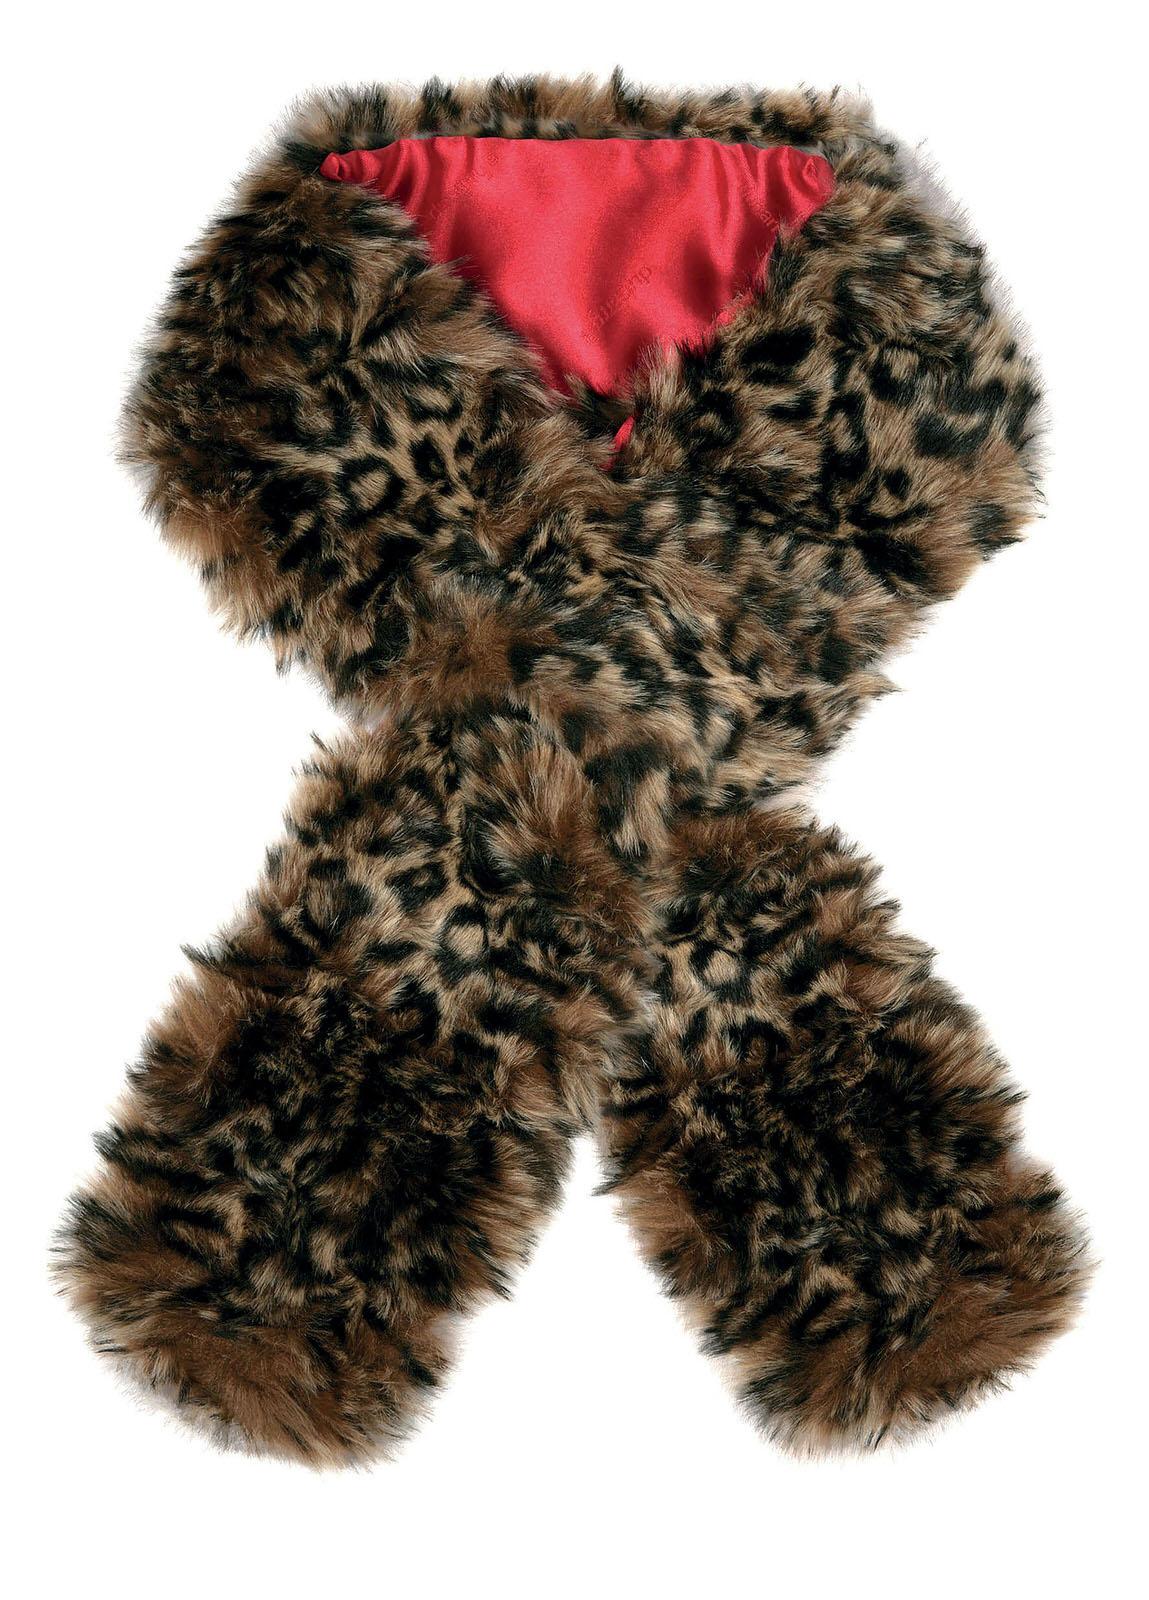 Faux_Fur_Scarf_Leopard_Image_1